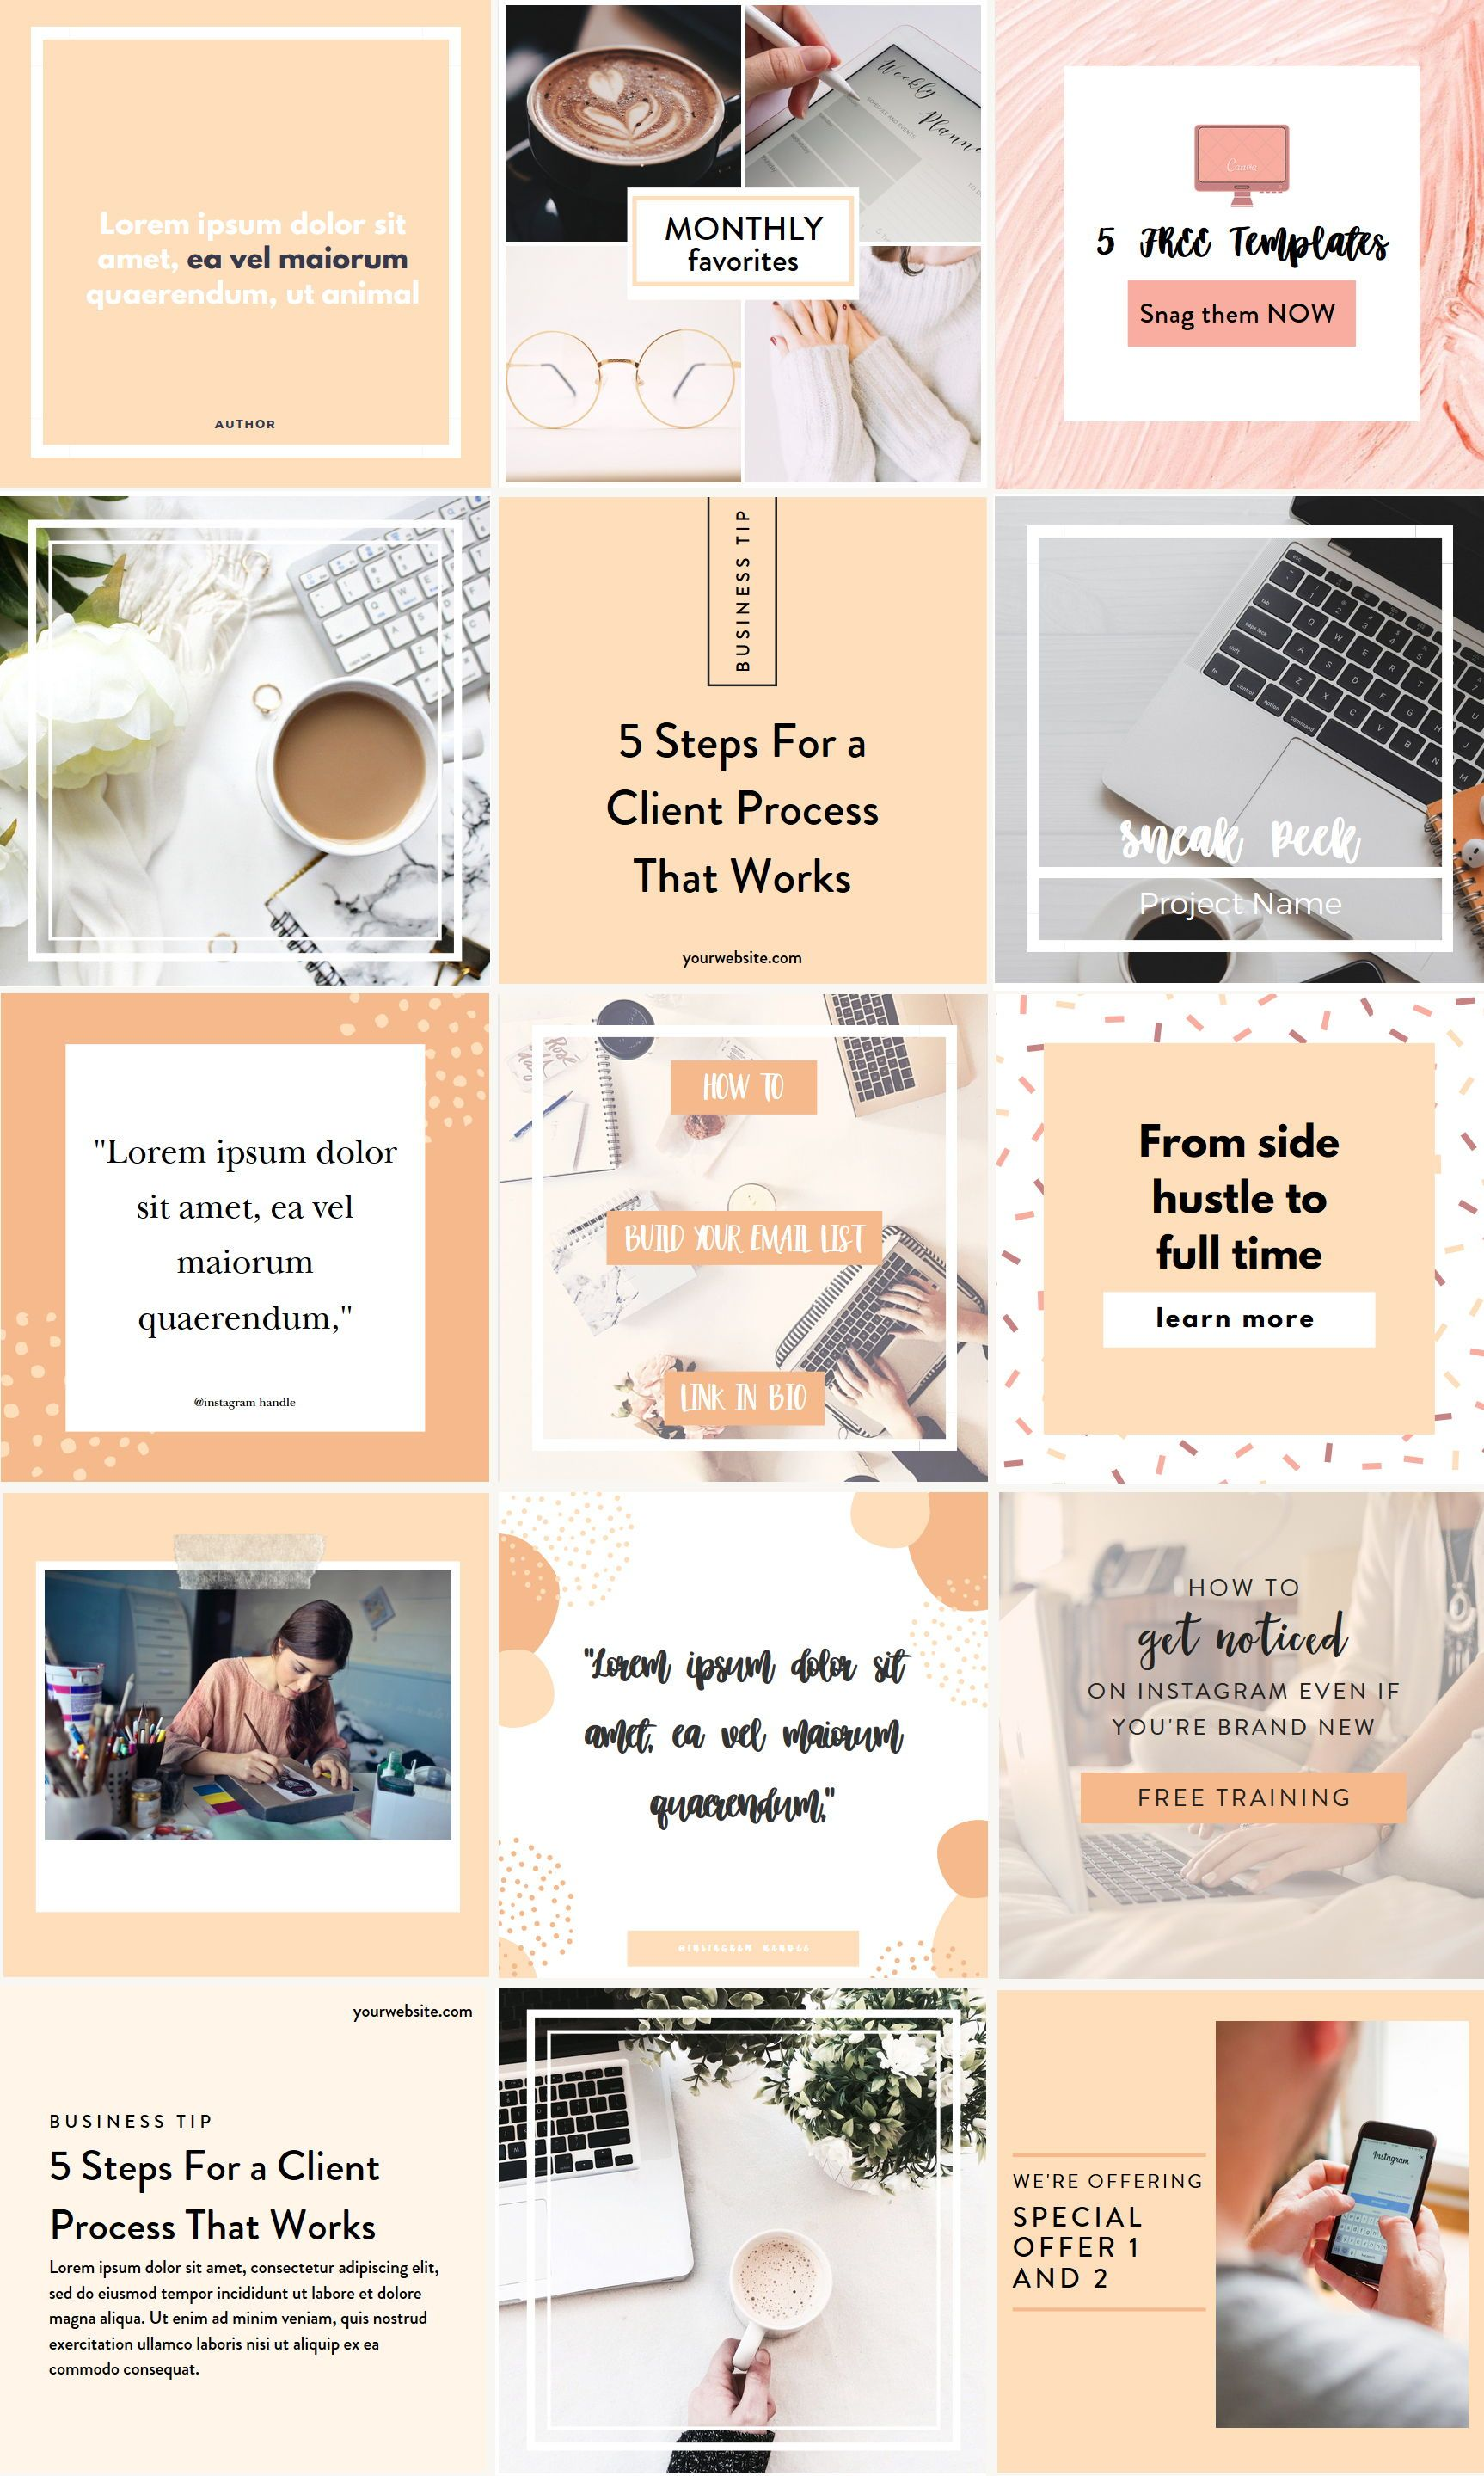 Instagram post templates in peach tones Instagram